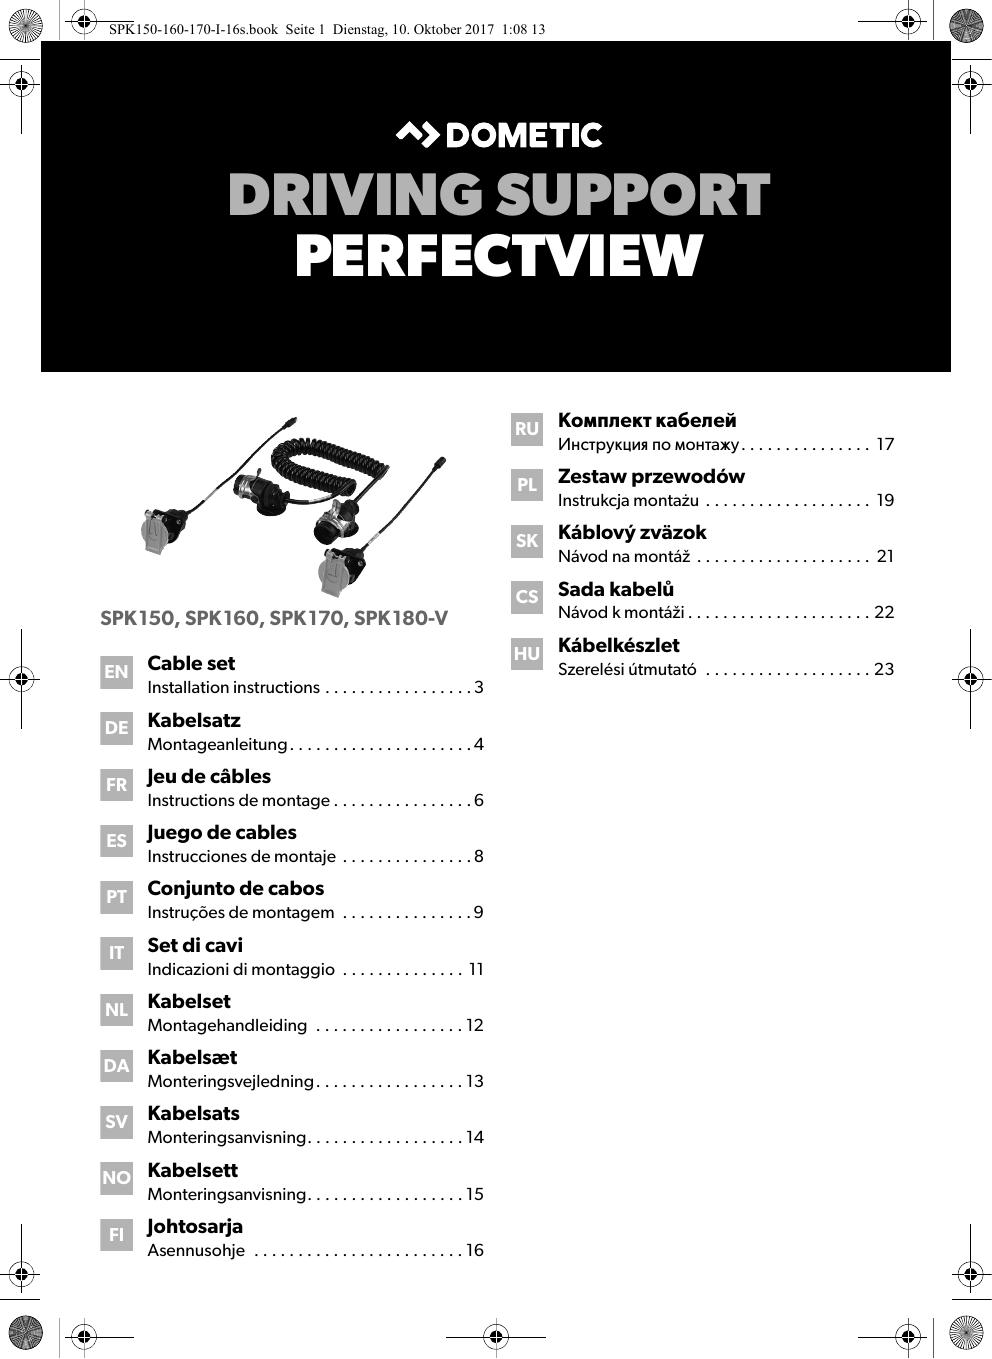 Dometic PerfectView SPK150, SPK160, SPK170, SPK180-V Cable